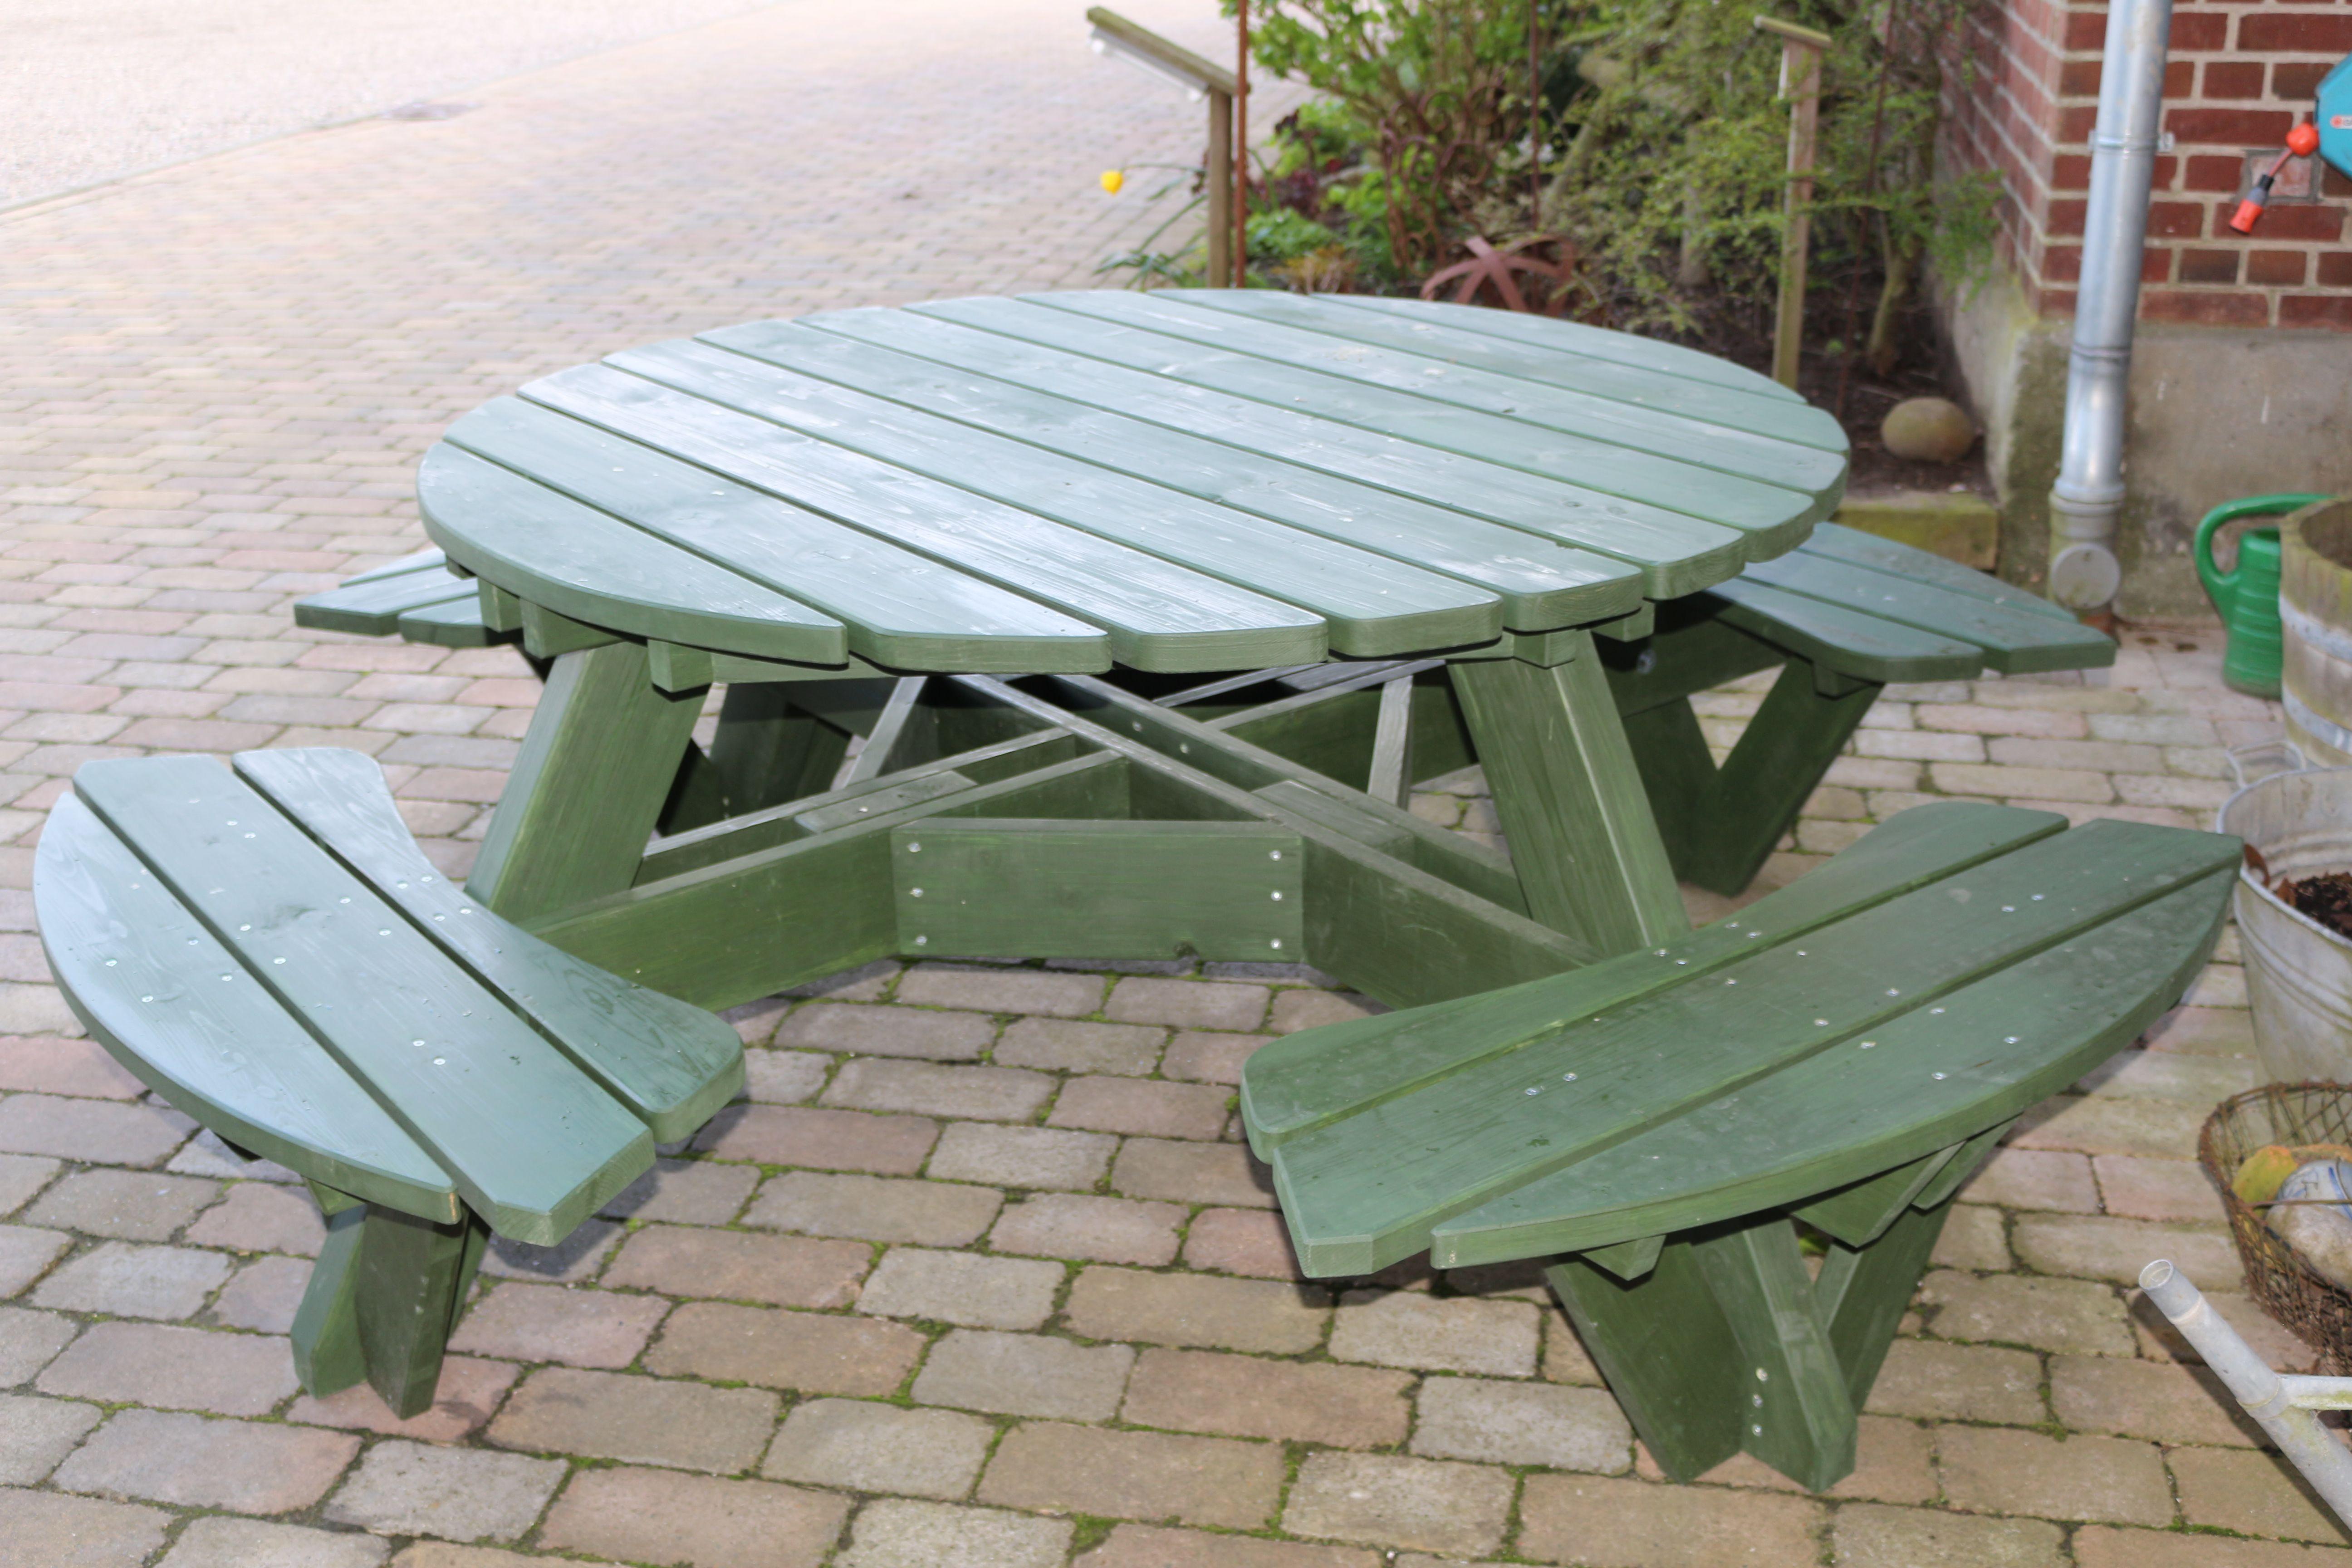 Gartentisch In Rund Gartenmobel Holz Gartentisch Gartenmobel